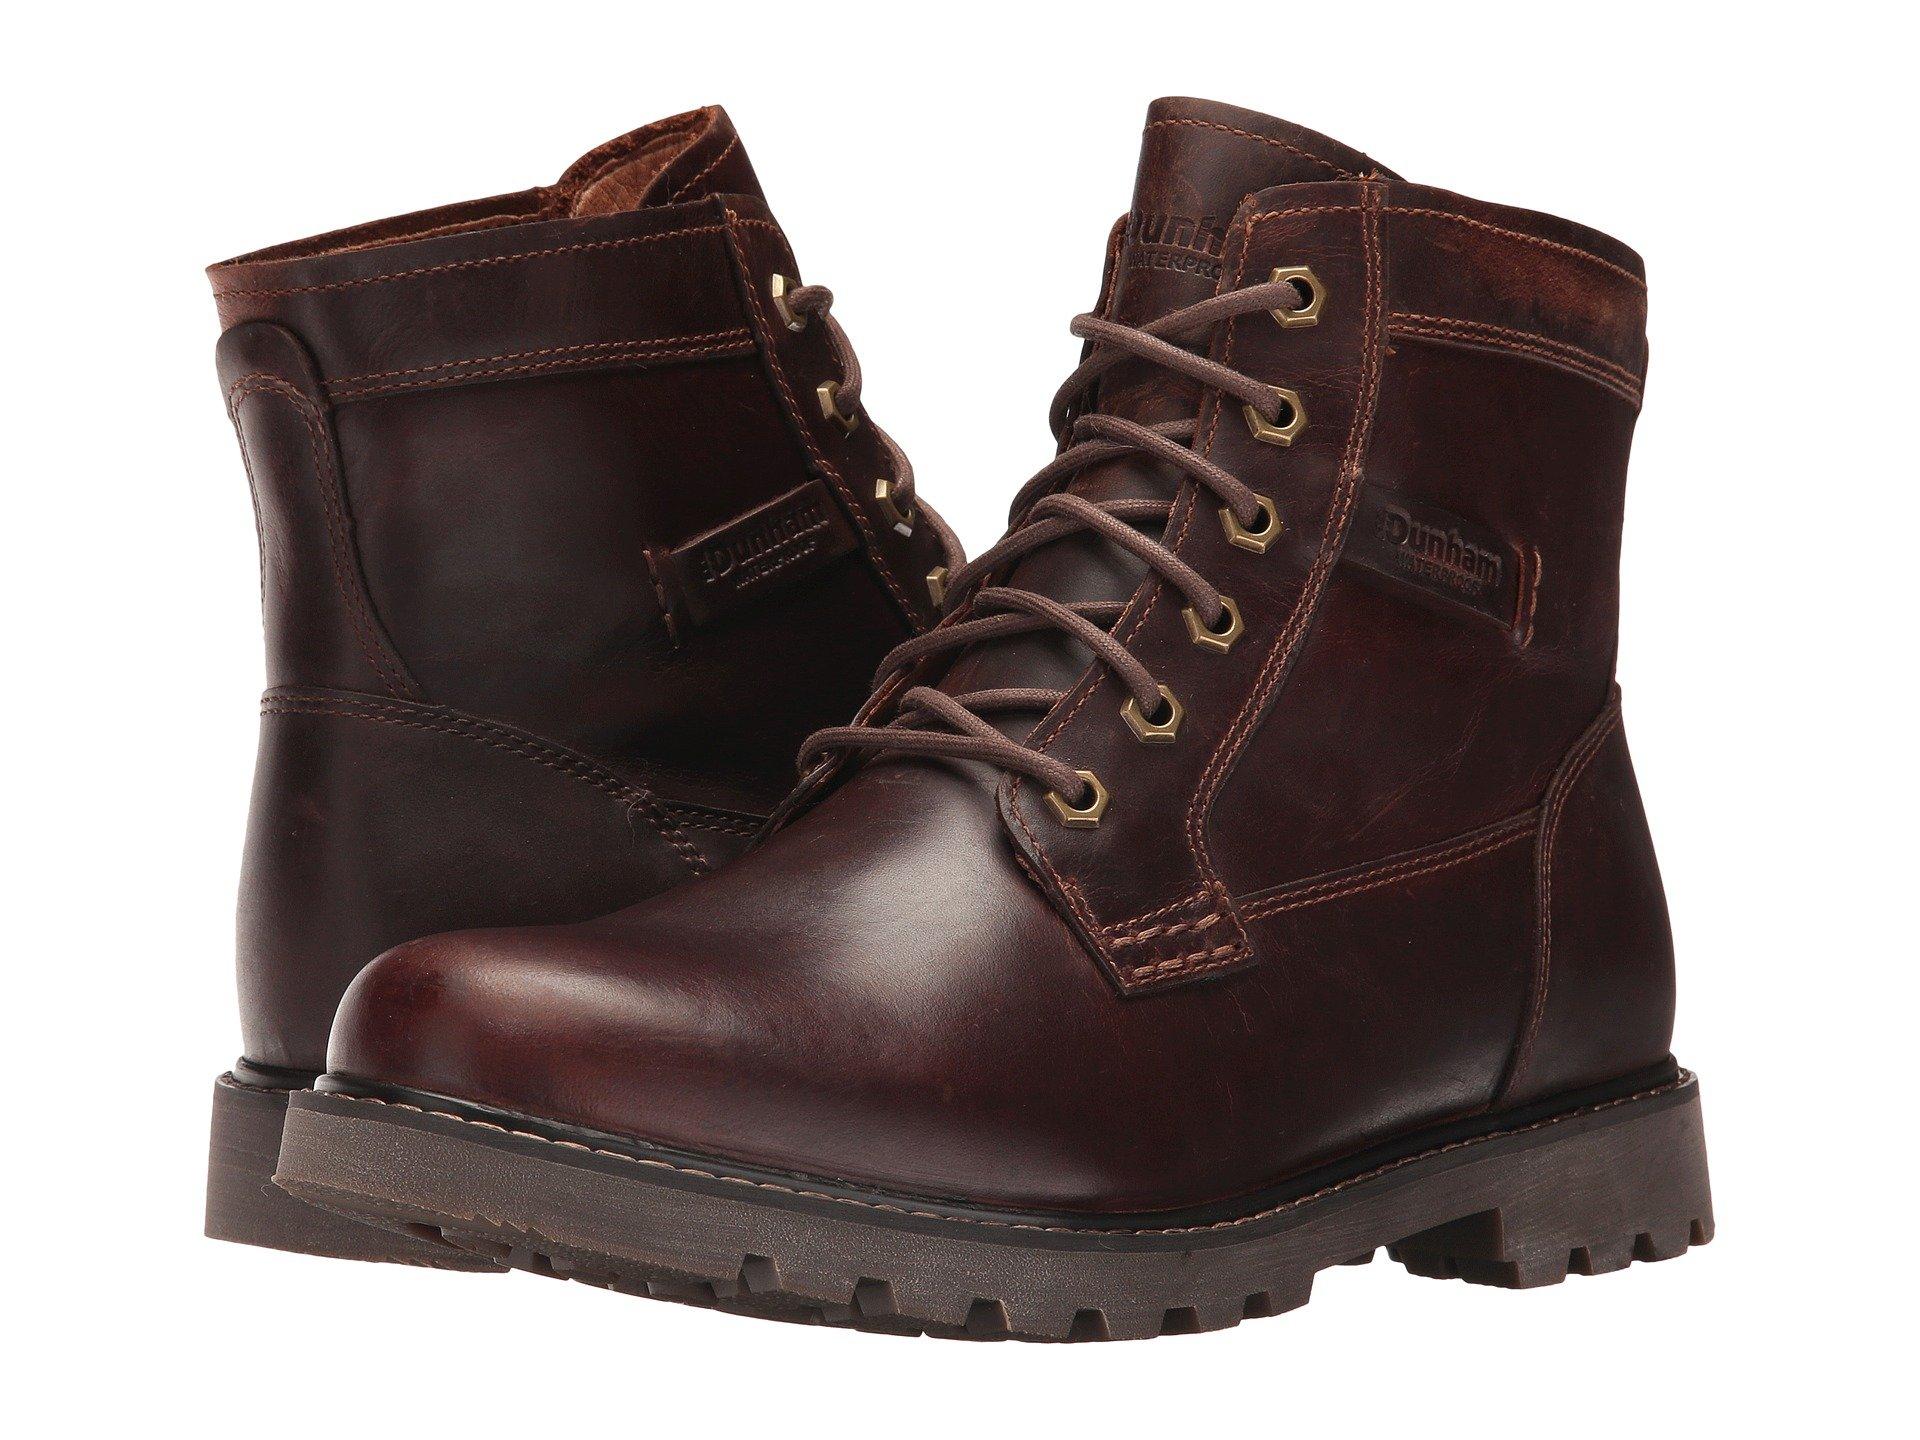 806e543ef Men s Dunham Boots + FREE SHIPPING